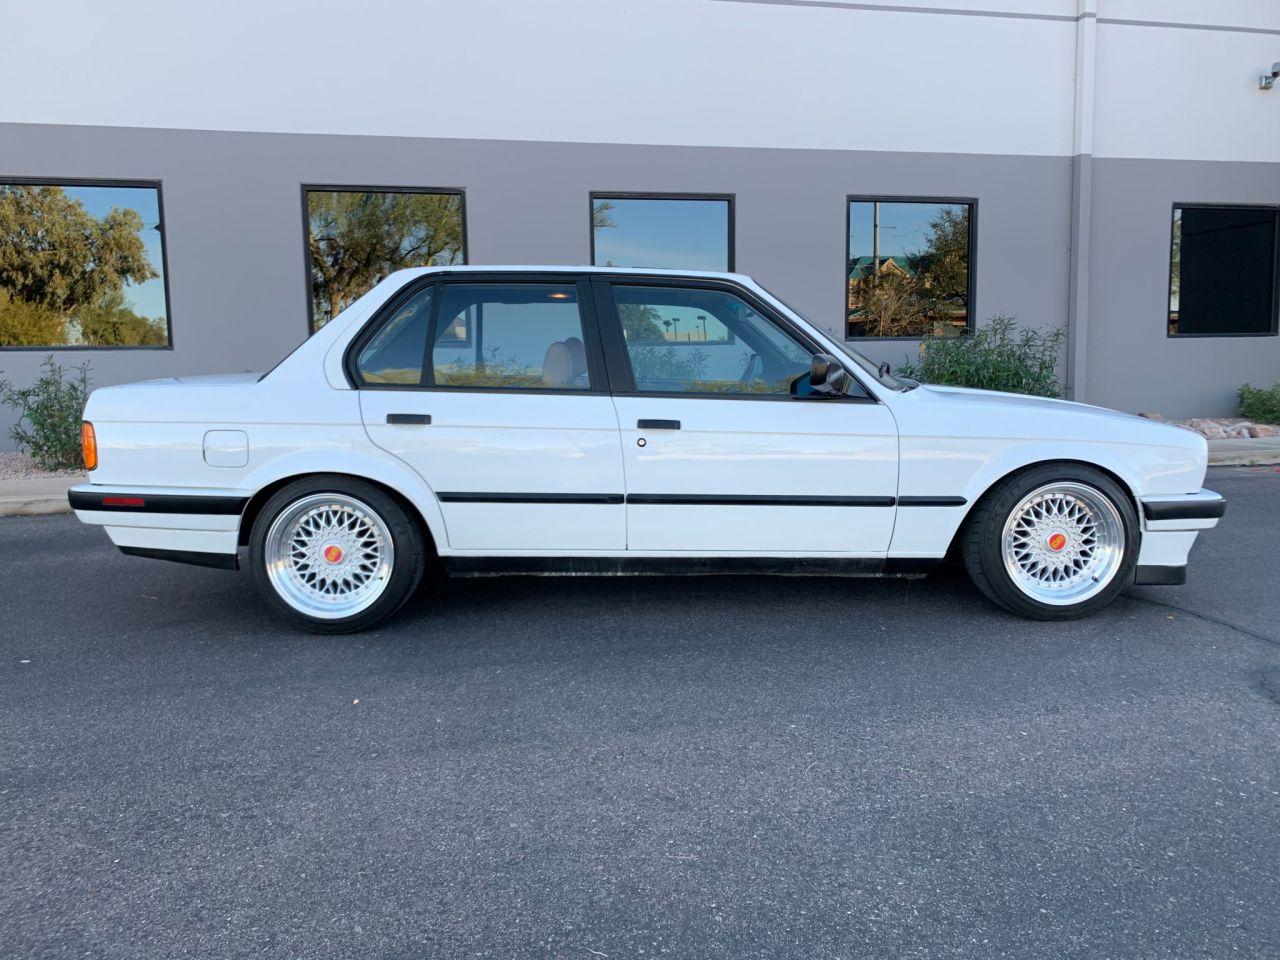 BMW 325i en S62 - Parce que 8, c'est mieux que 6 ! 13